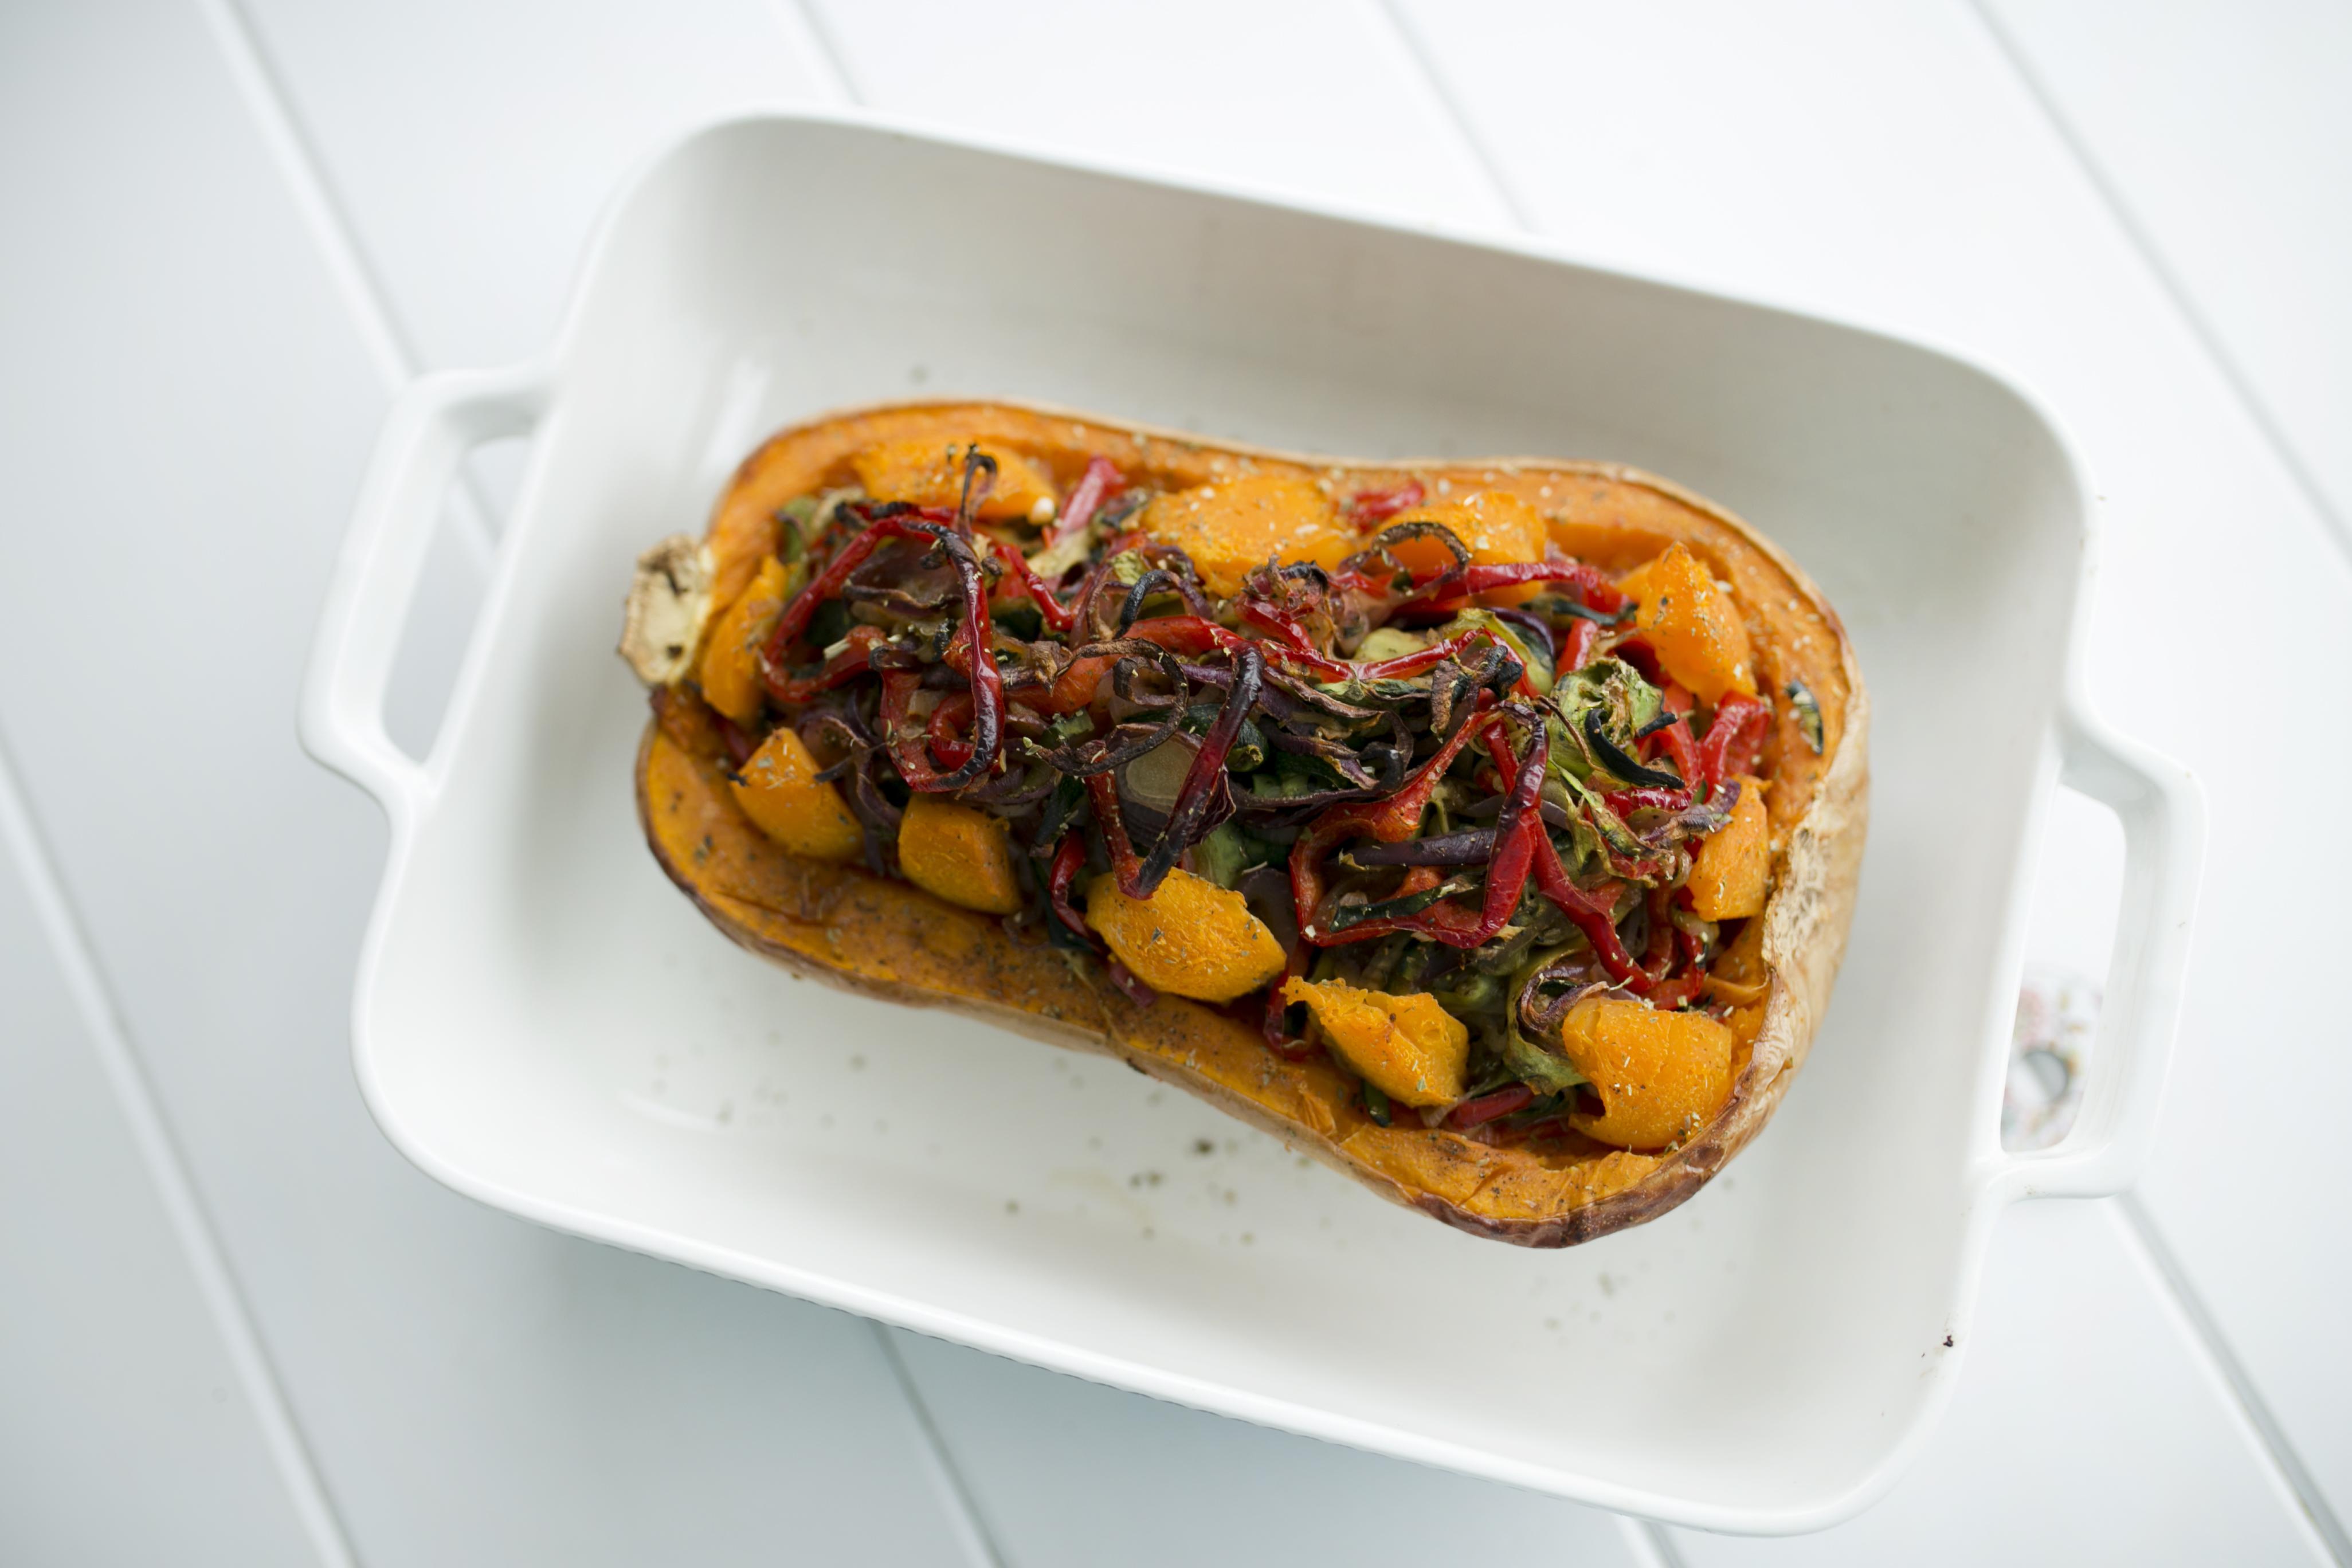 Dynia faszerowana warzywami, dieta dąbrowskiej